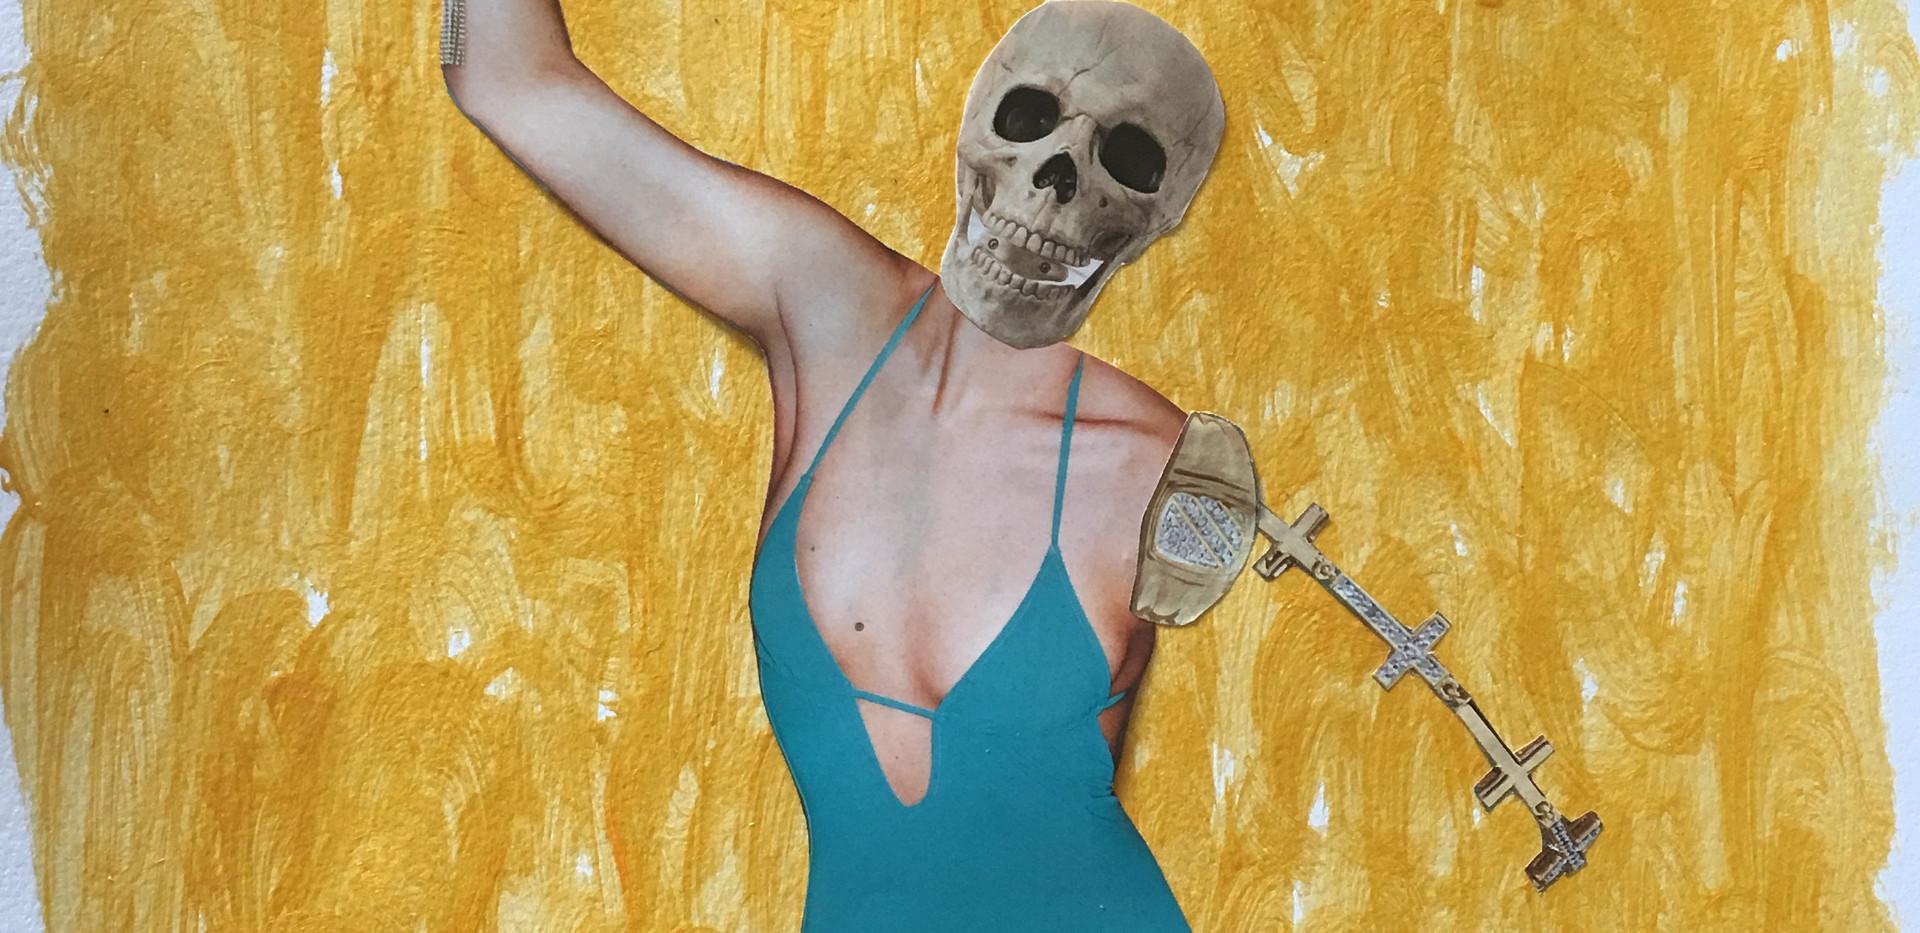 Karina Matheus - Dear Flesh I